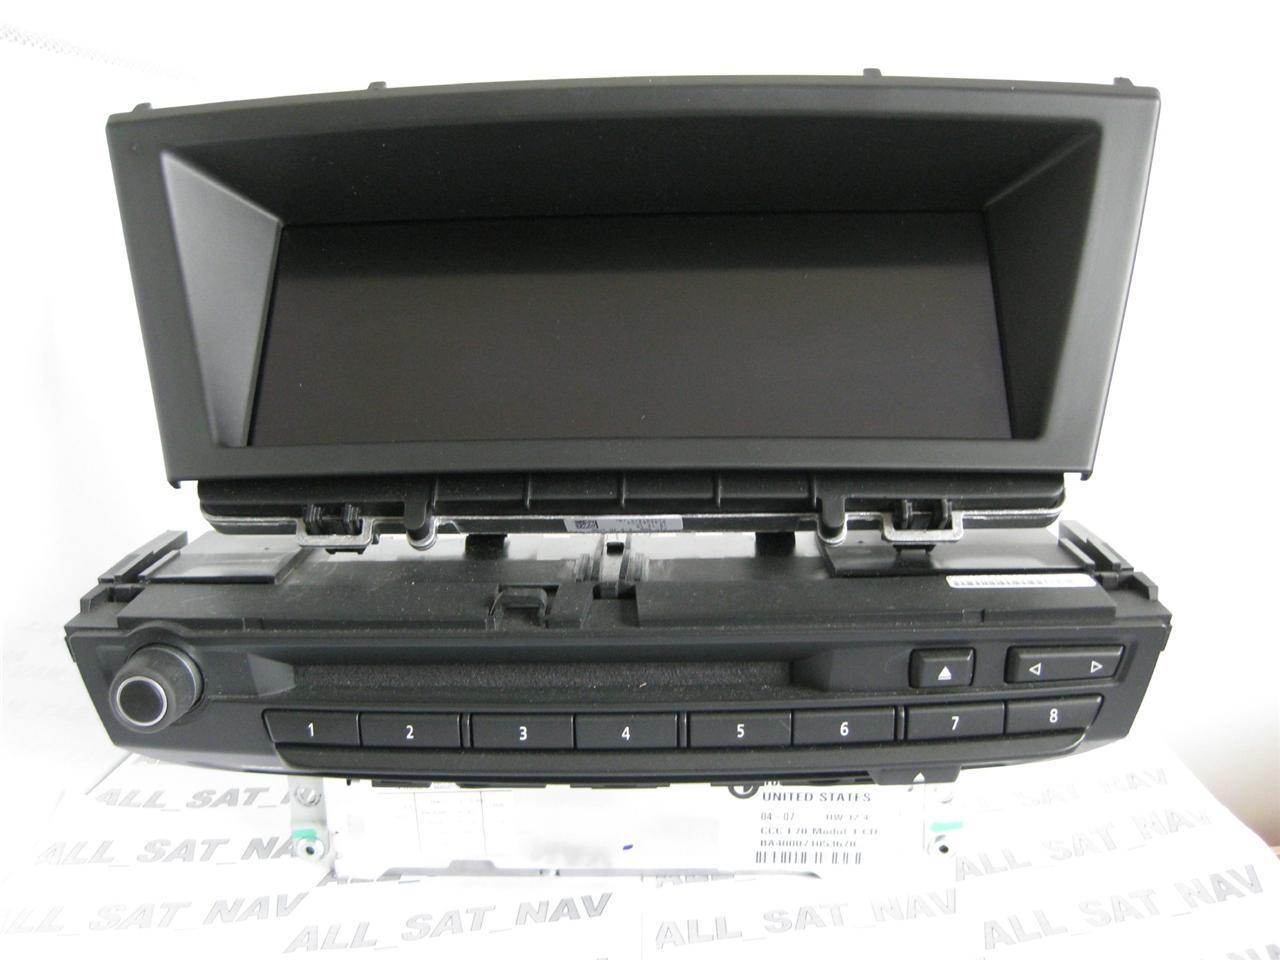 bmw x5 ccc sat nav navigation system set dvd 2013. Black Bedroom Furniture Sets. Home Design Ideas